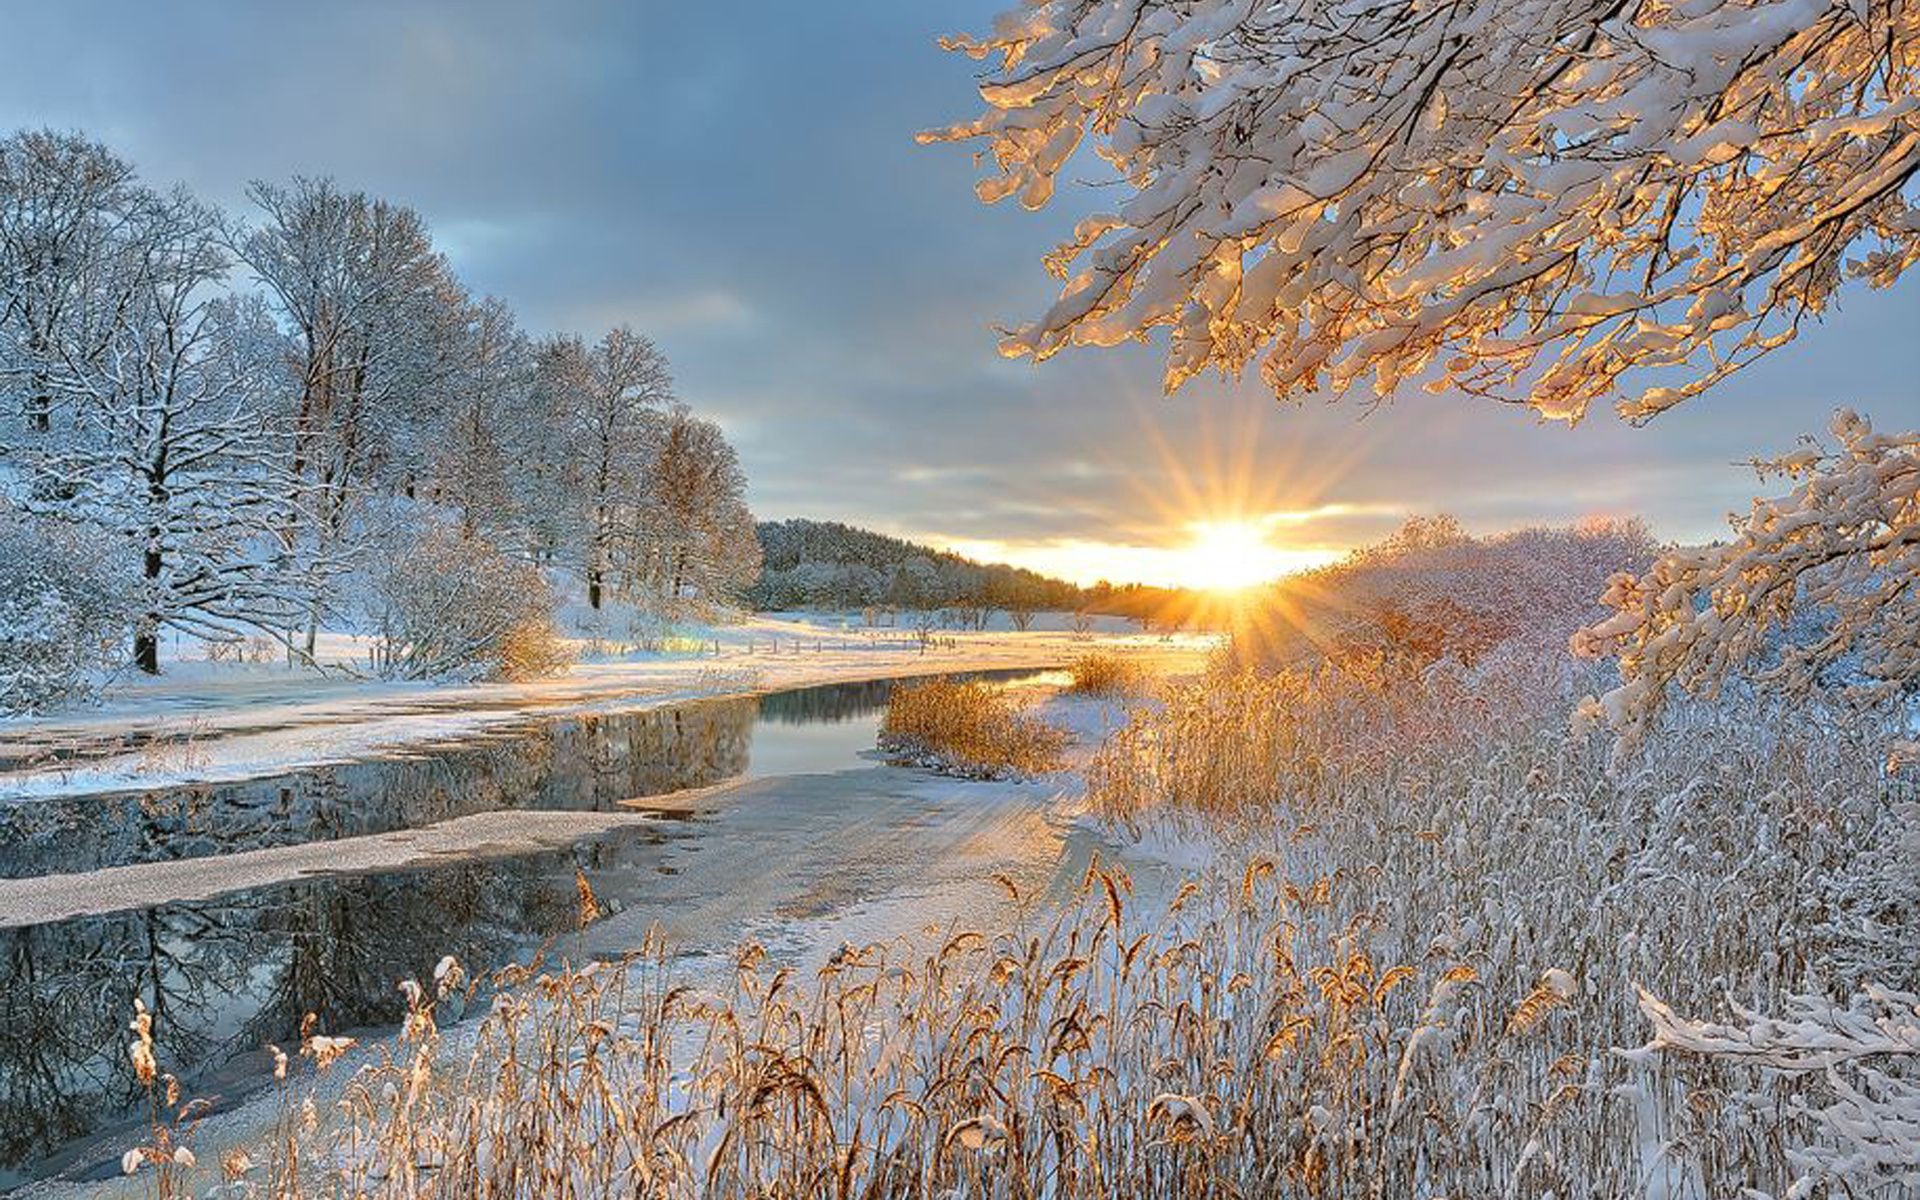 предлагает вам красивые картинки солнца и снега как вам